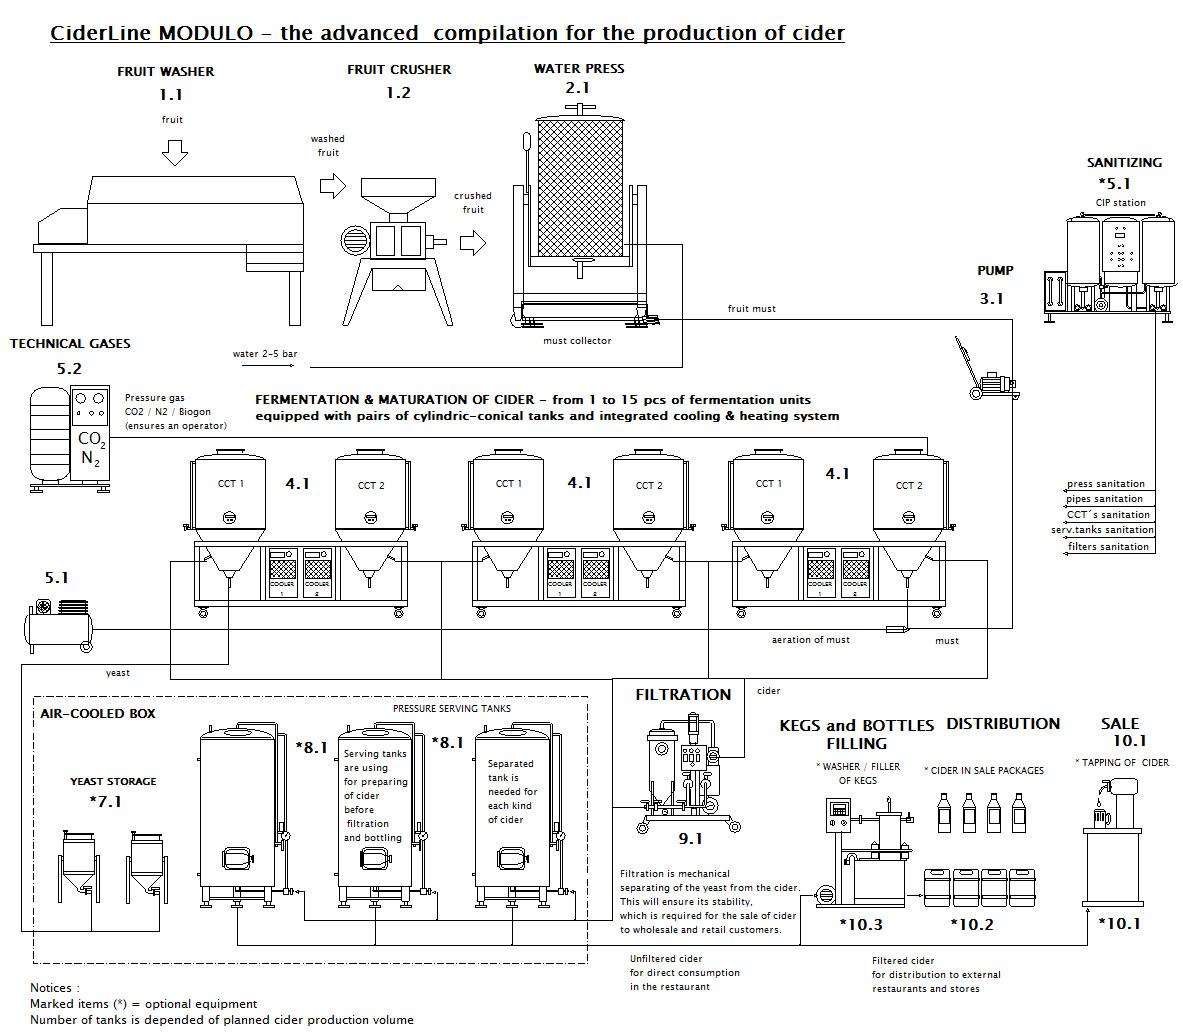 Cider production line CiderLine Modulo scheme